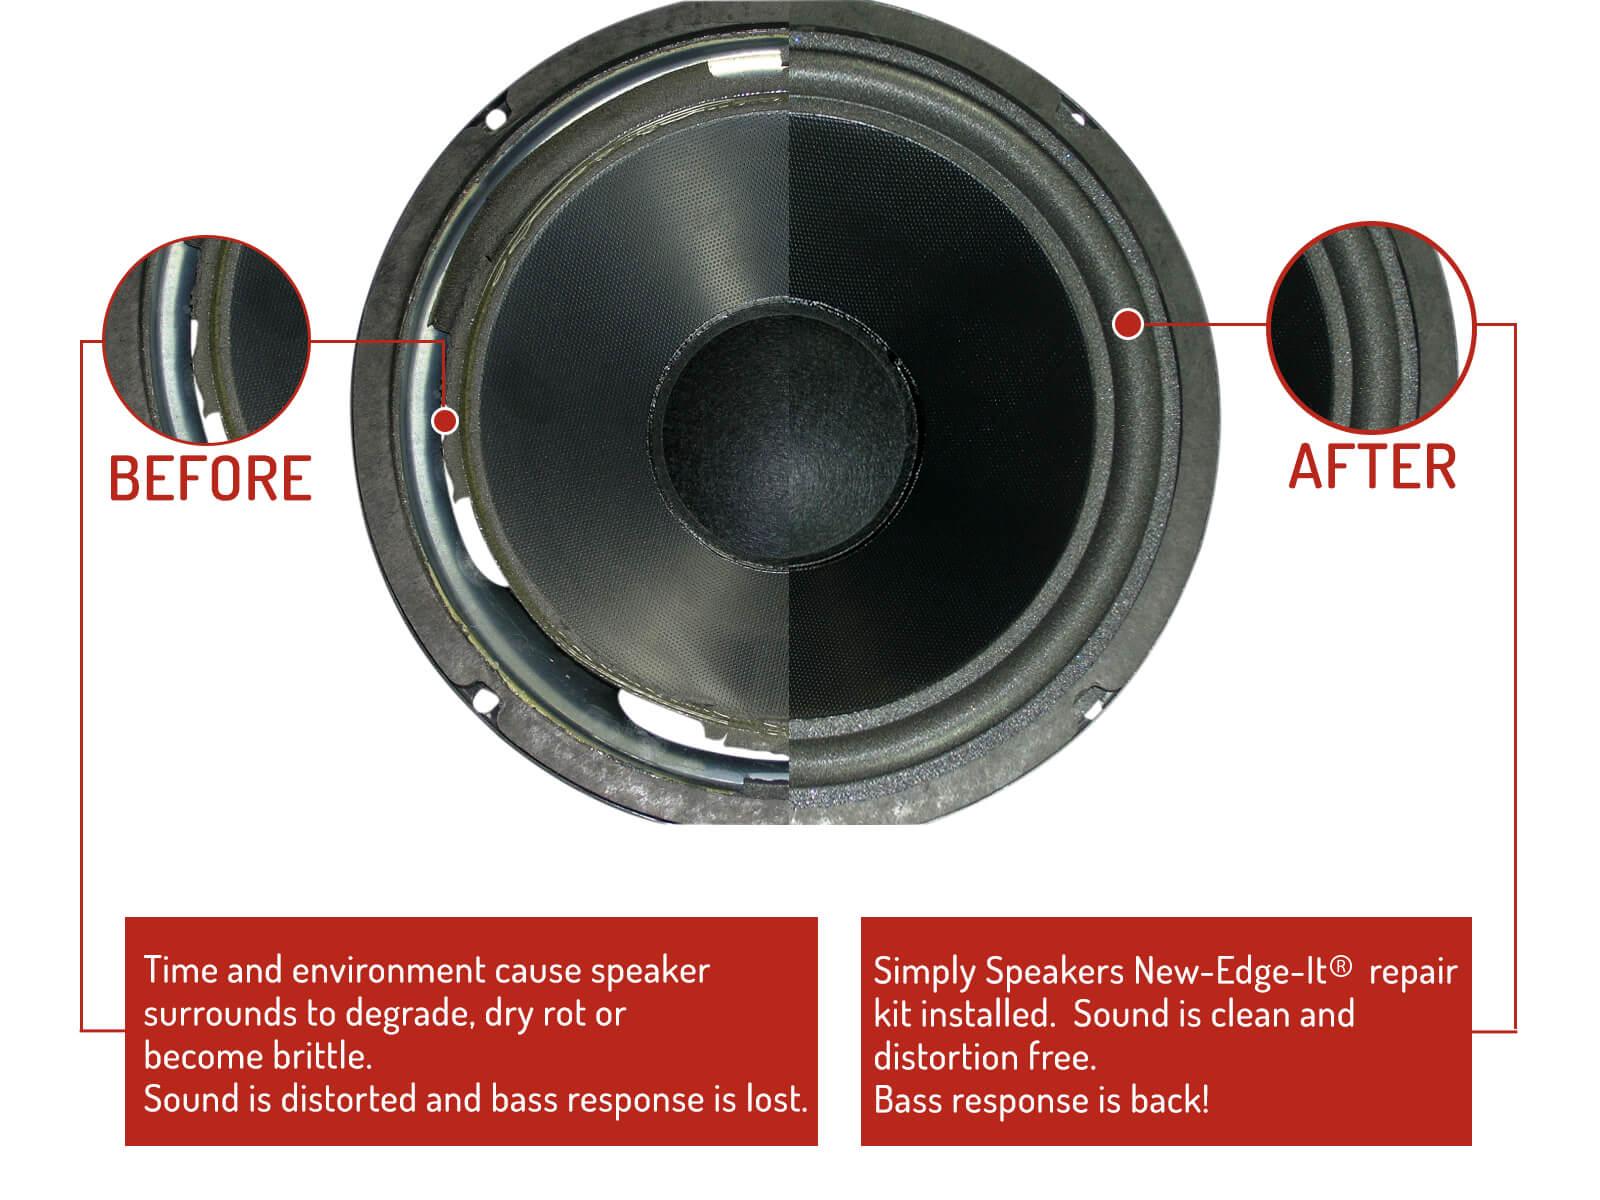 Infinity Speaker Foam Edge Replacement Repair Kit 12